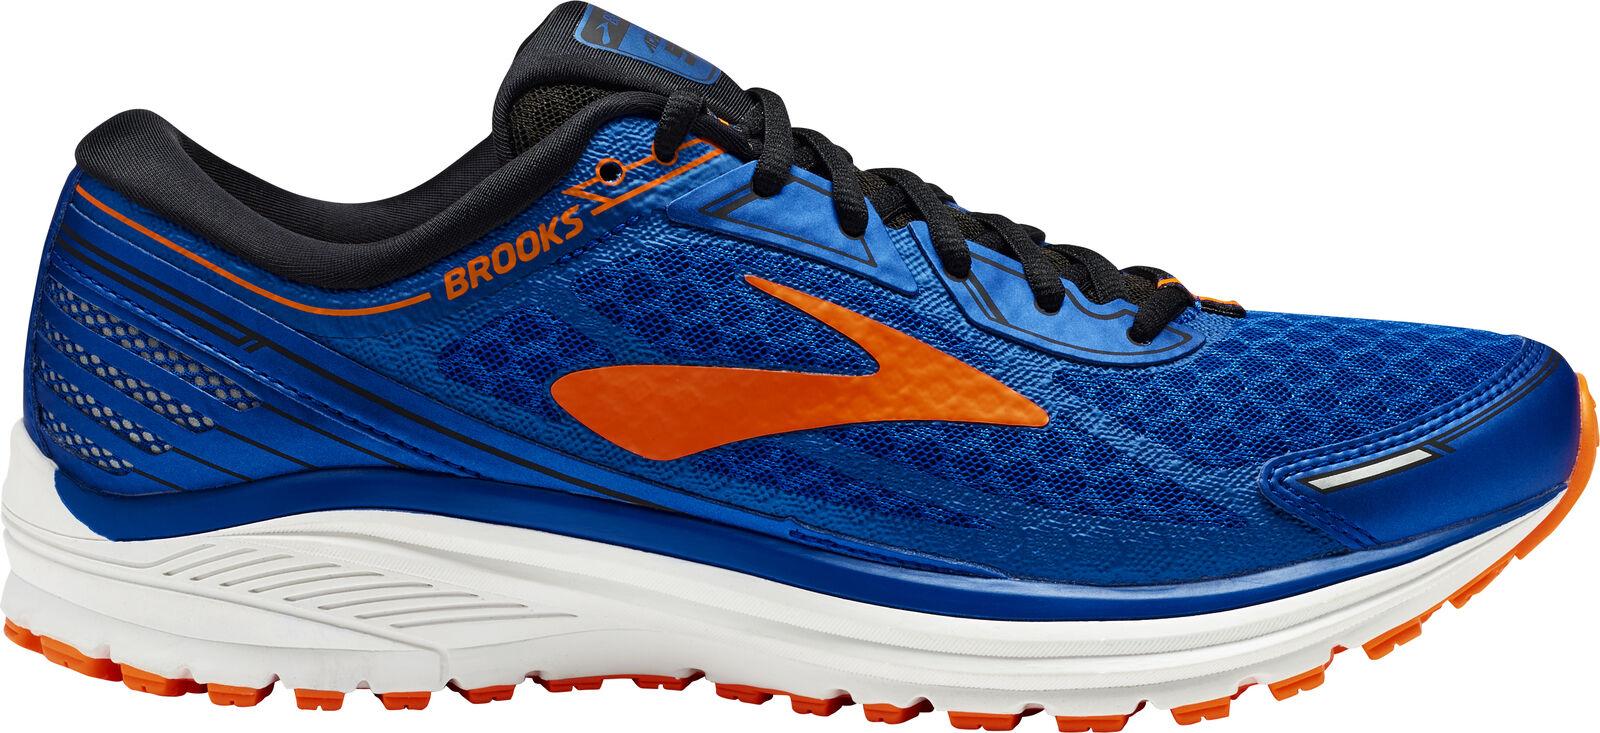 Brooks Brooks Brooks ADURO 5 Scarpe Da Corsa Da Uomo-Blu 27c7cd